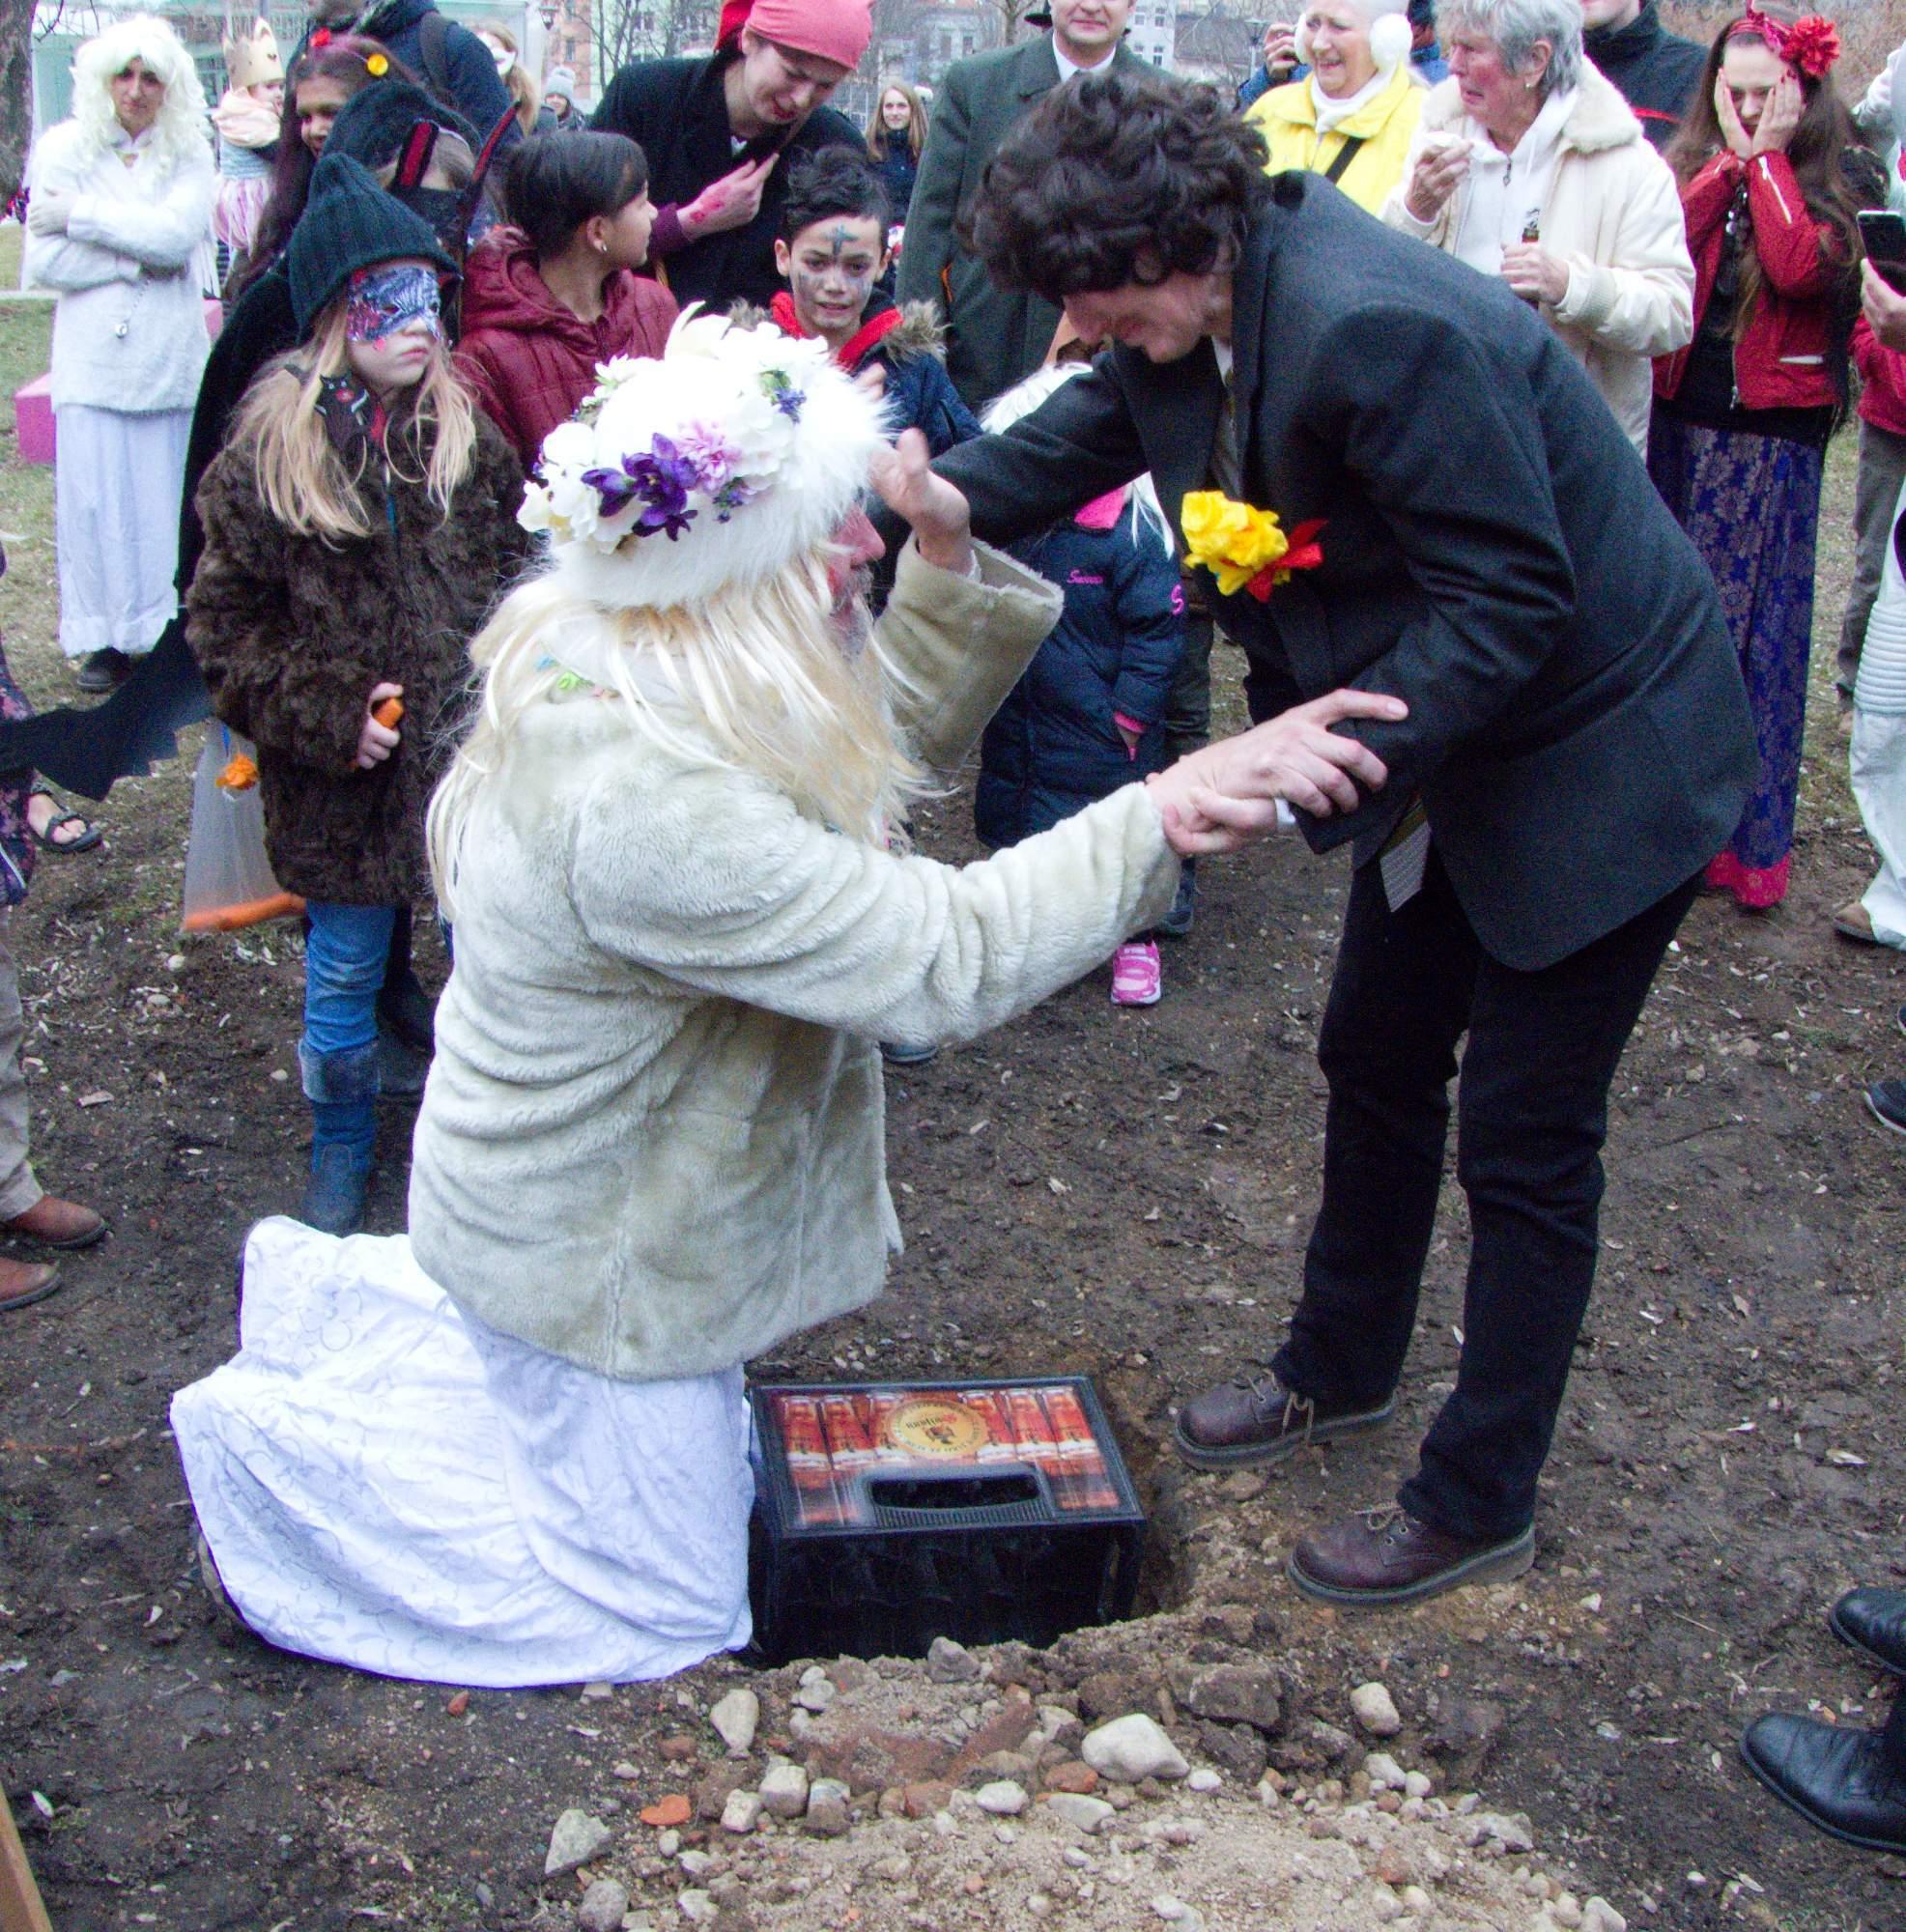 Ženich s nevěstou pochovávají basu. Foto: Martin Foral